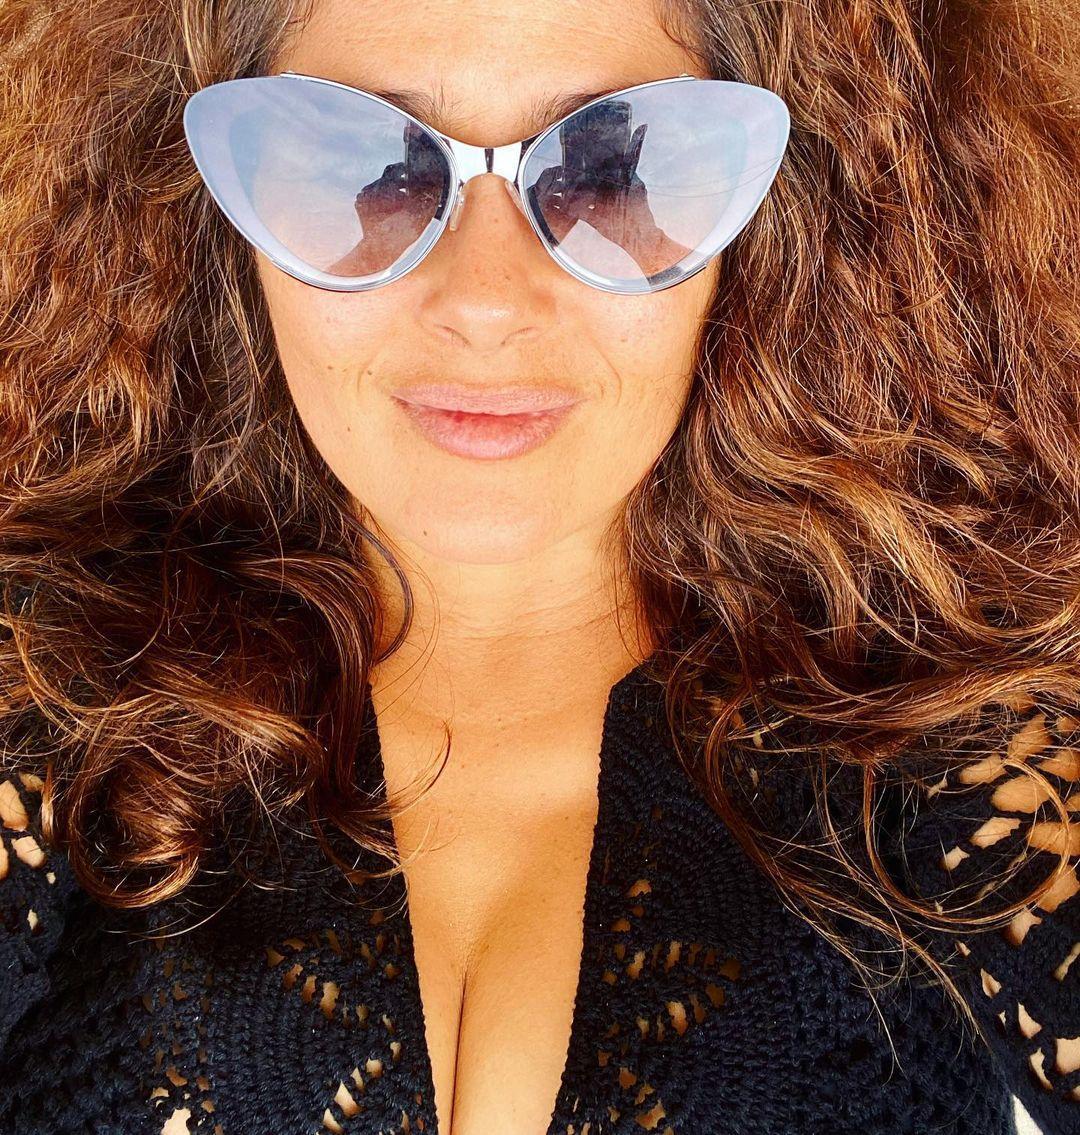 Сальма показала обличчя без макіяжу / instagram.com/salmahayek/